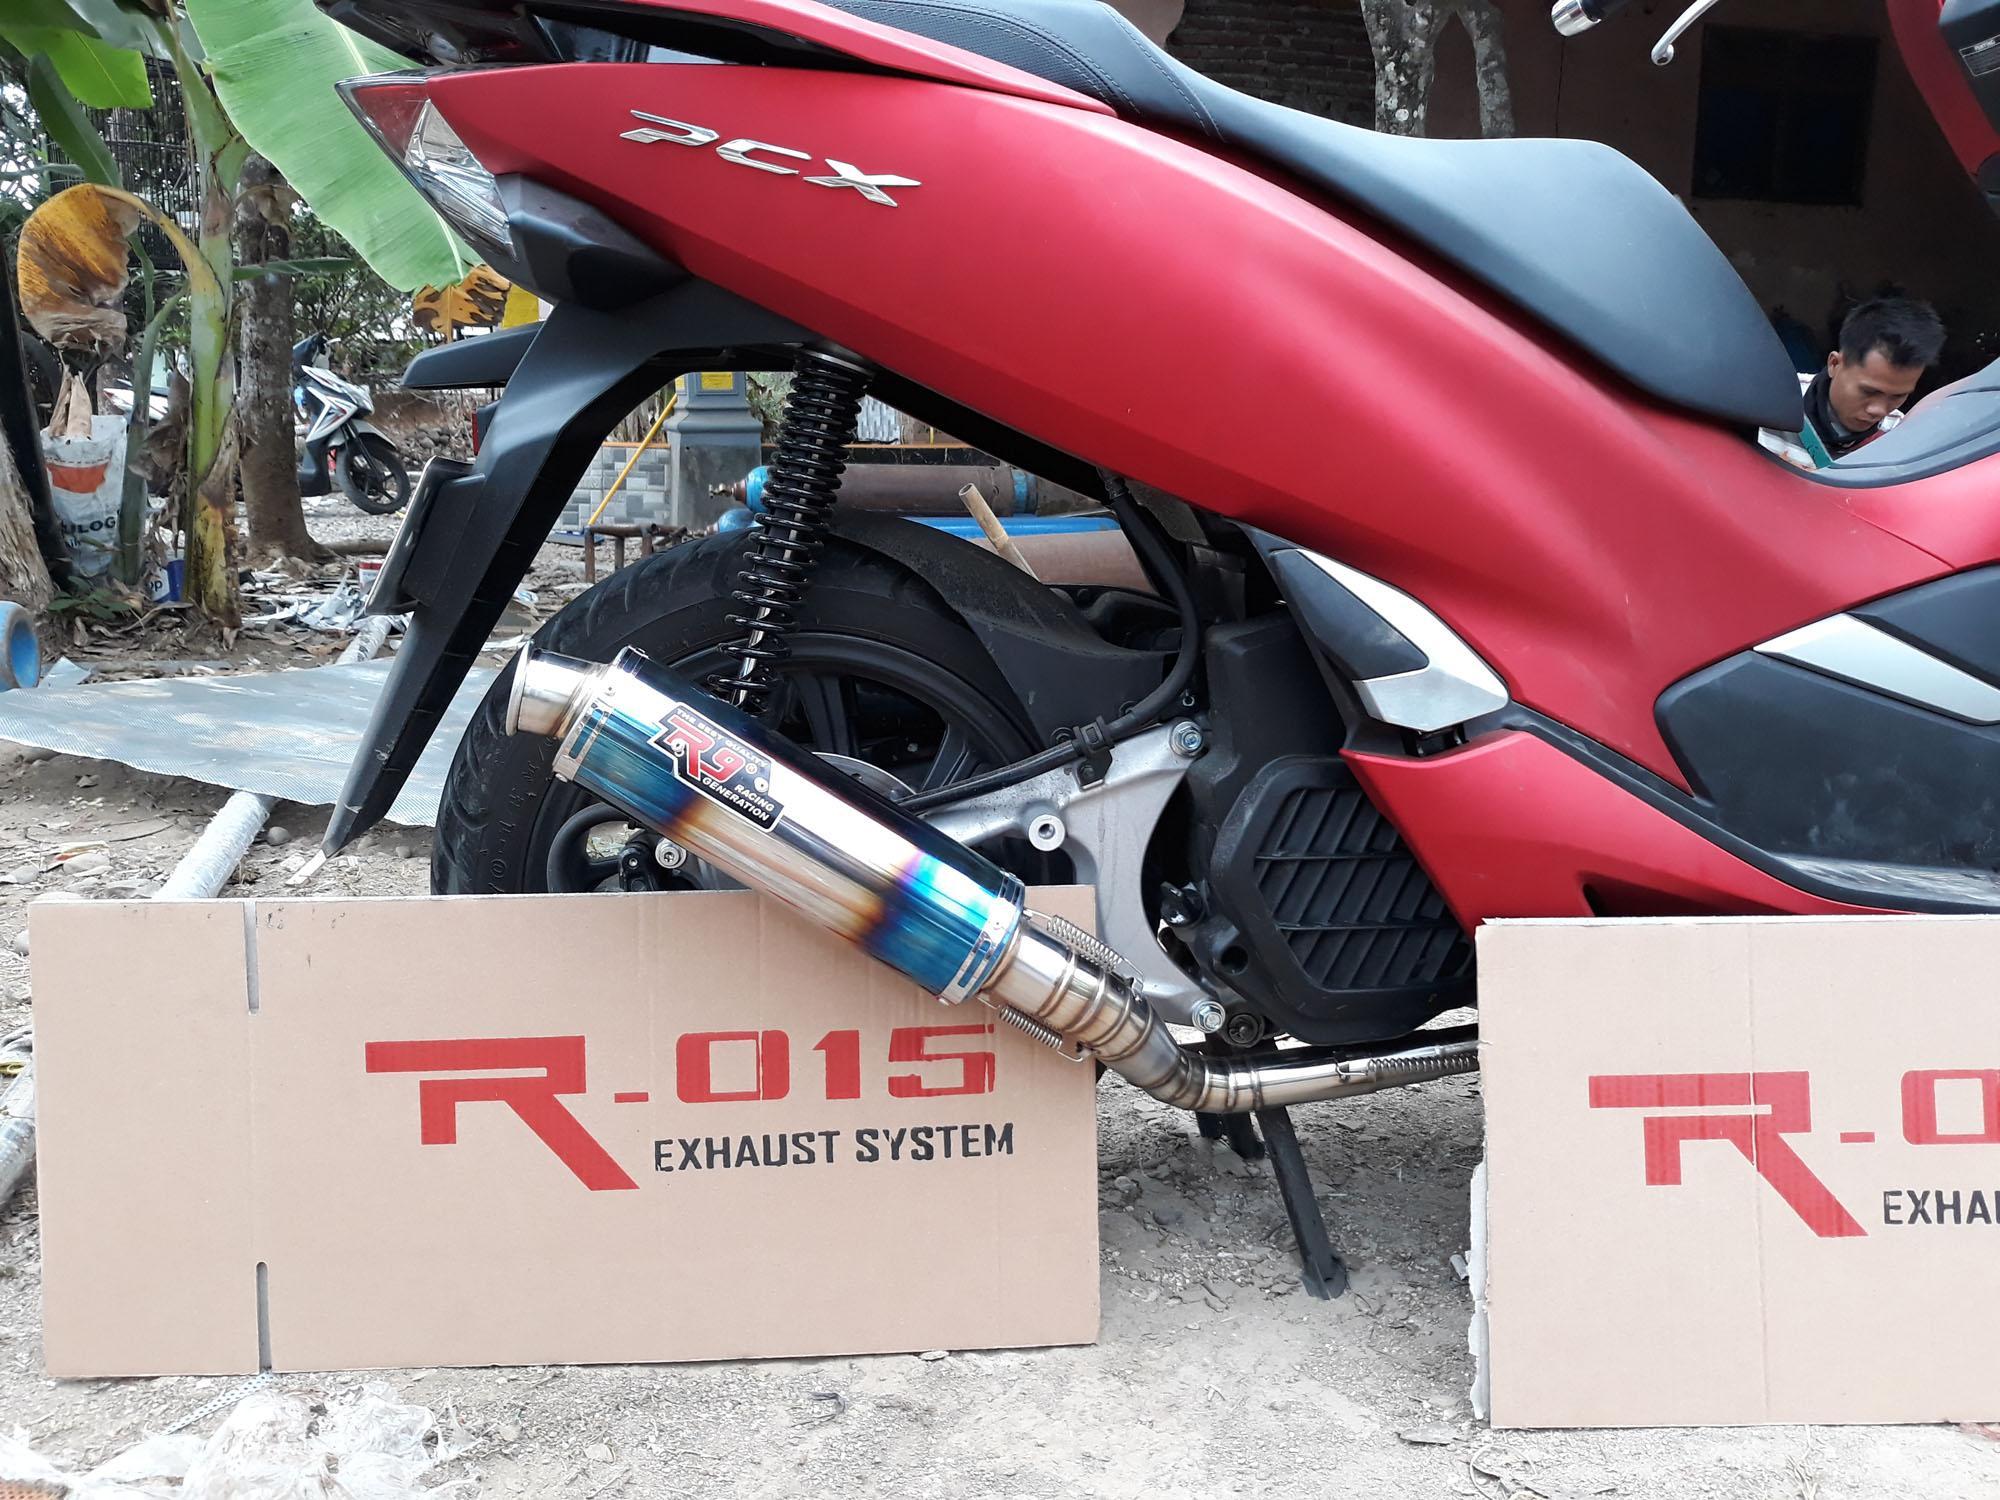 Jual Produk R9 Online Terbaru Di Knalpot Assen Honda All New Cbr 250 Full System Mugello Blue Series For Pcx Bisa Juga Untuk N Max Vario